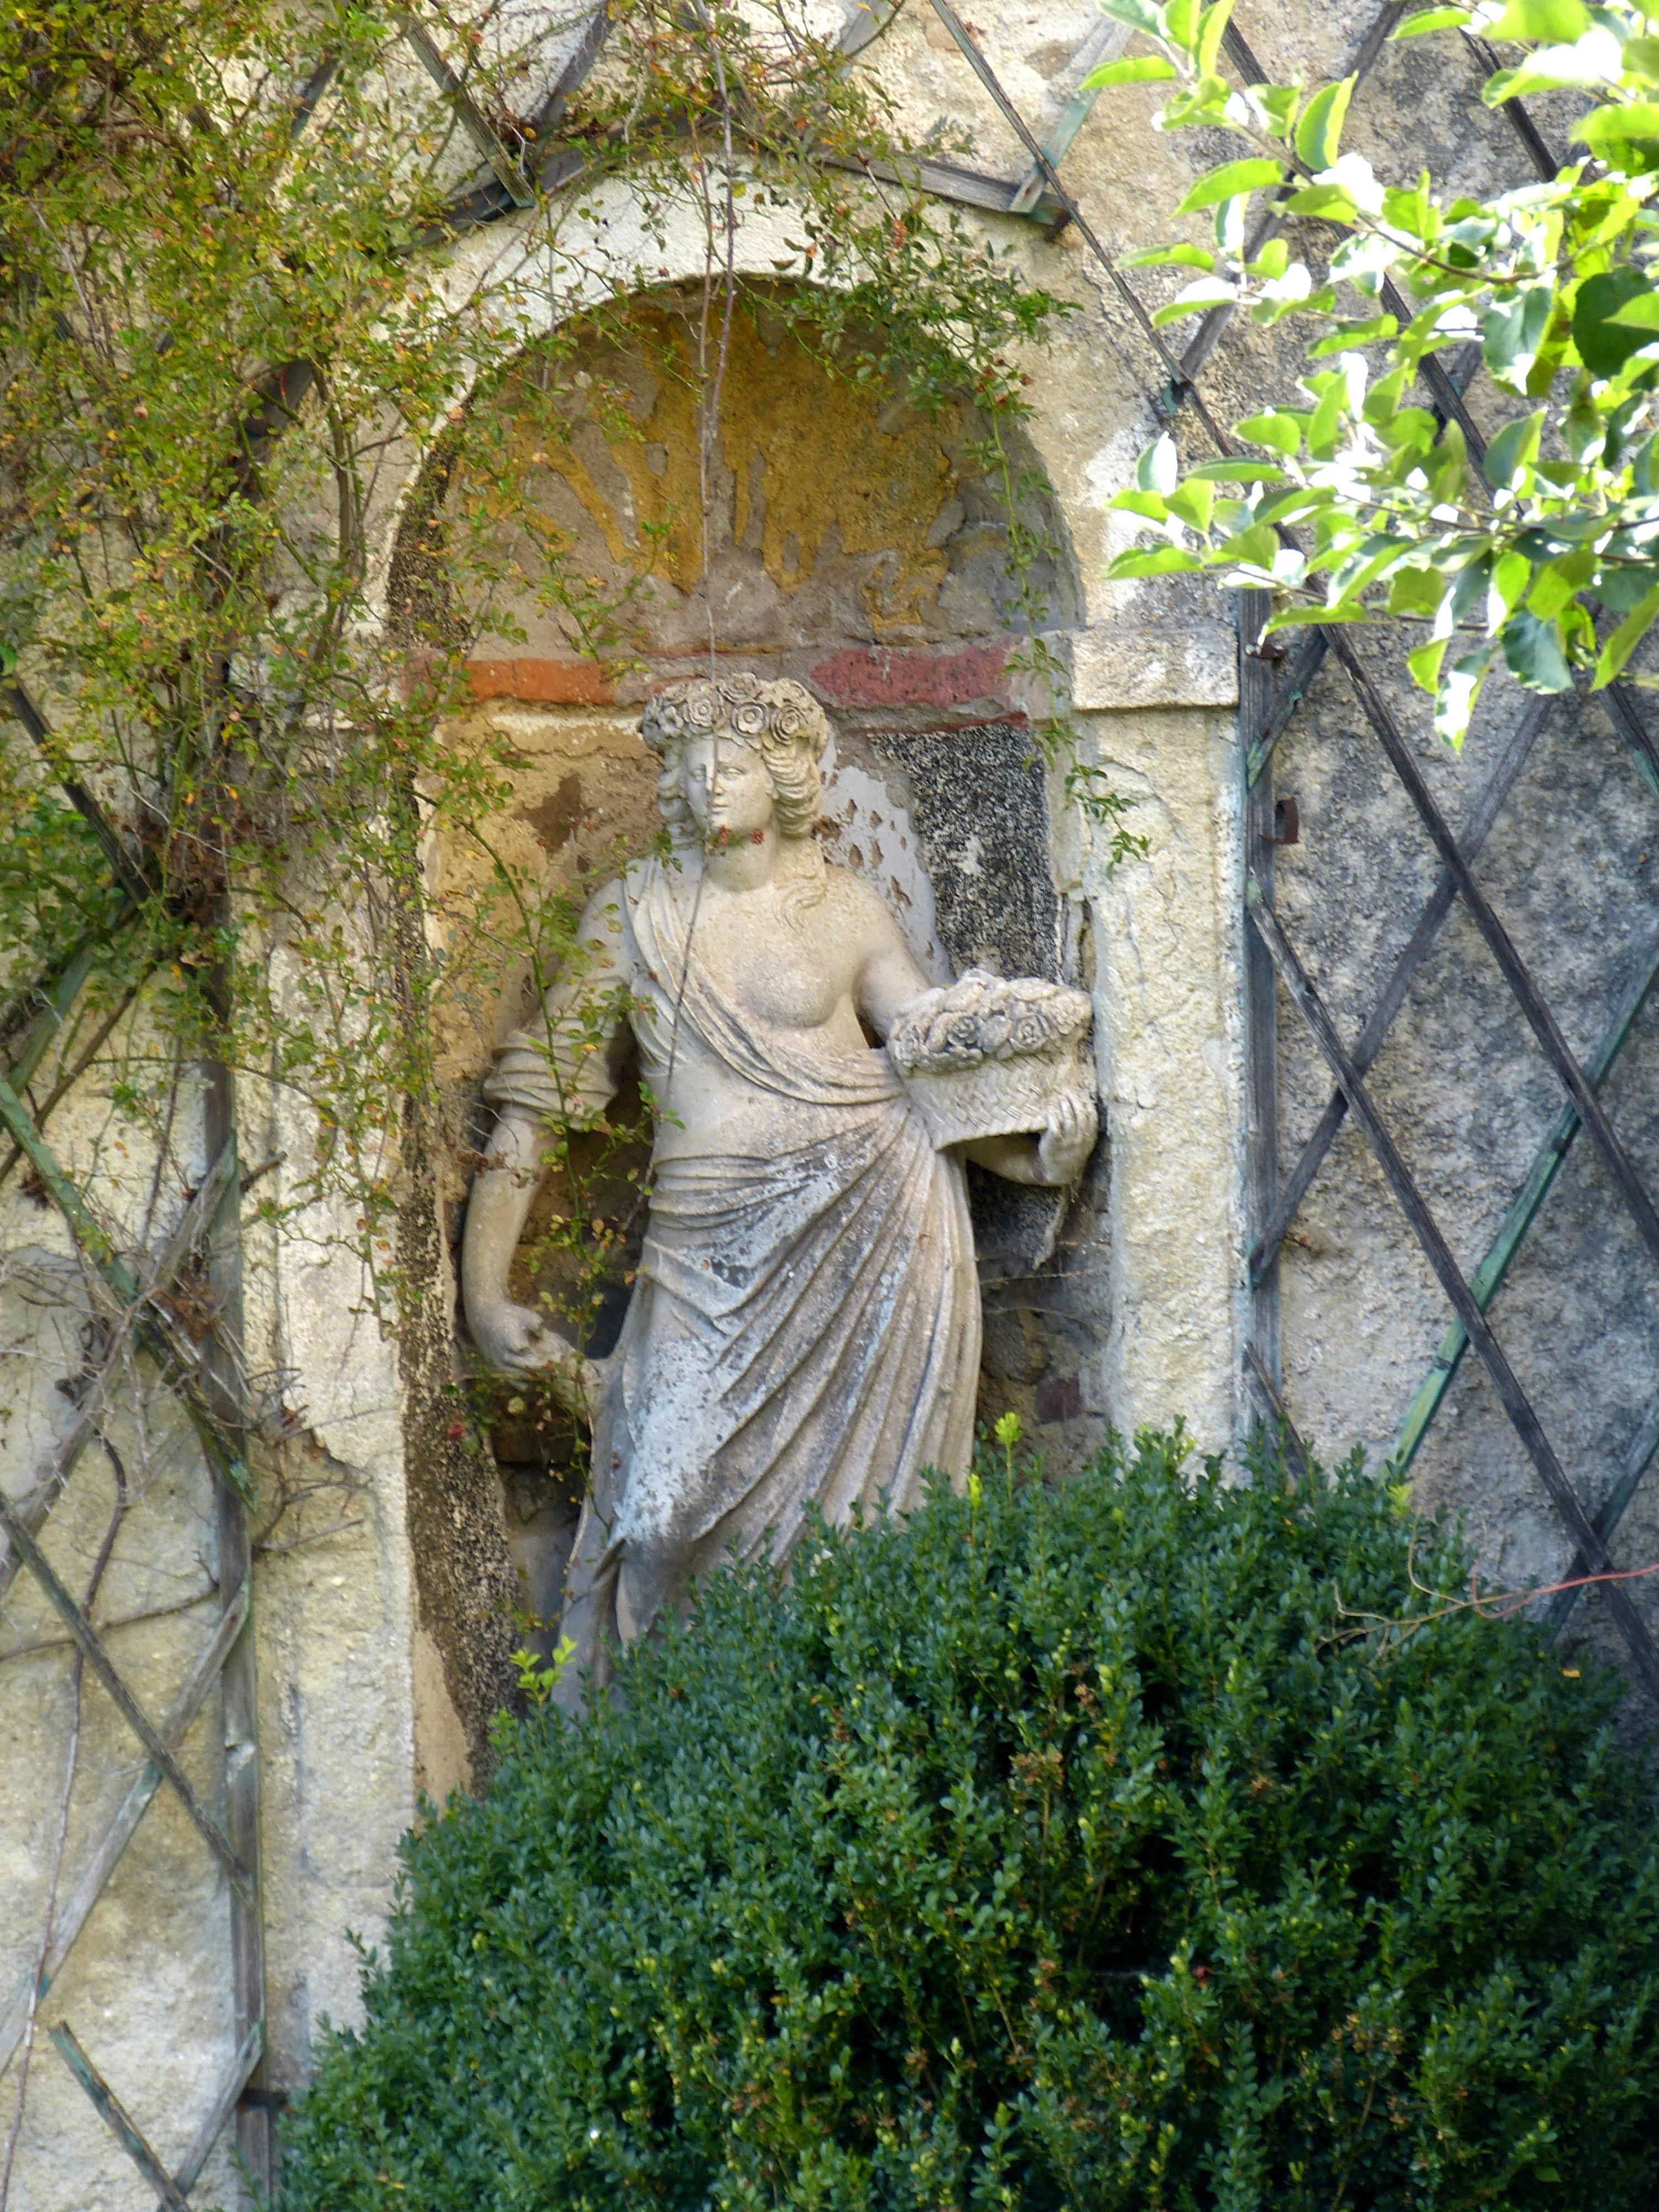 Filewaldenfels Garten 1 Florajpg Wikimedia Commons